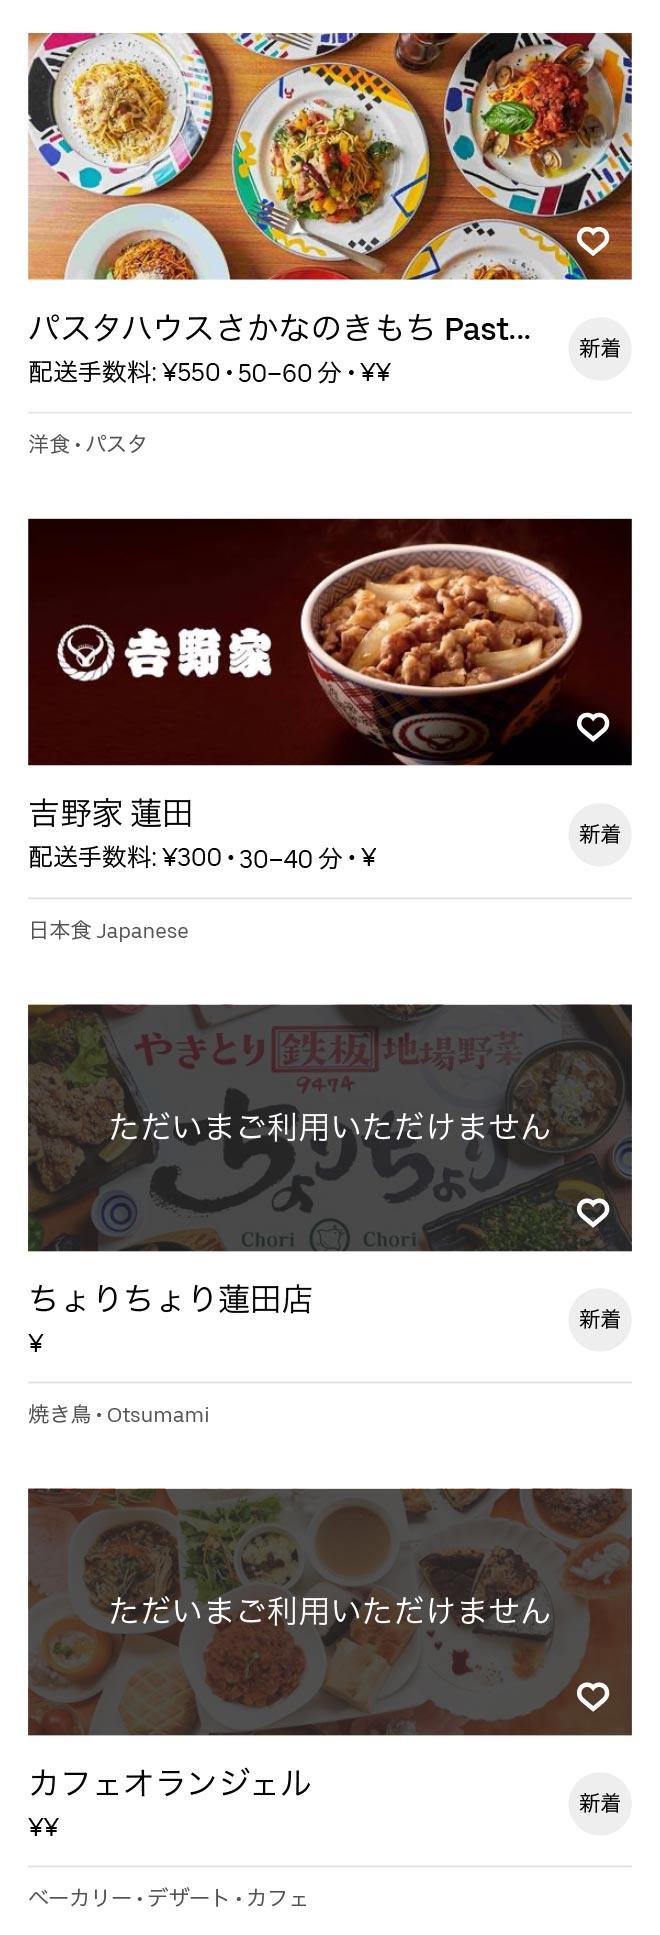 久喜 ピザハット